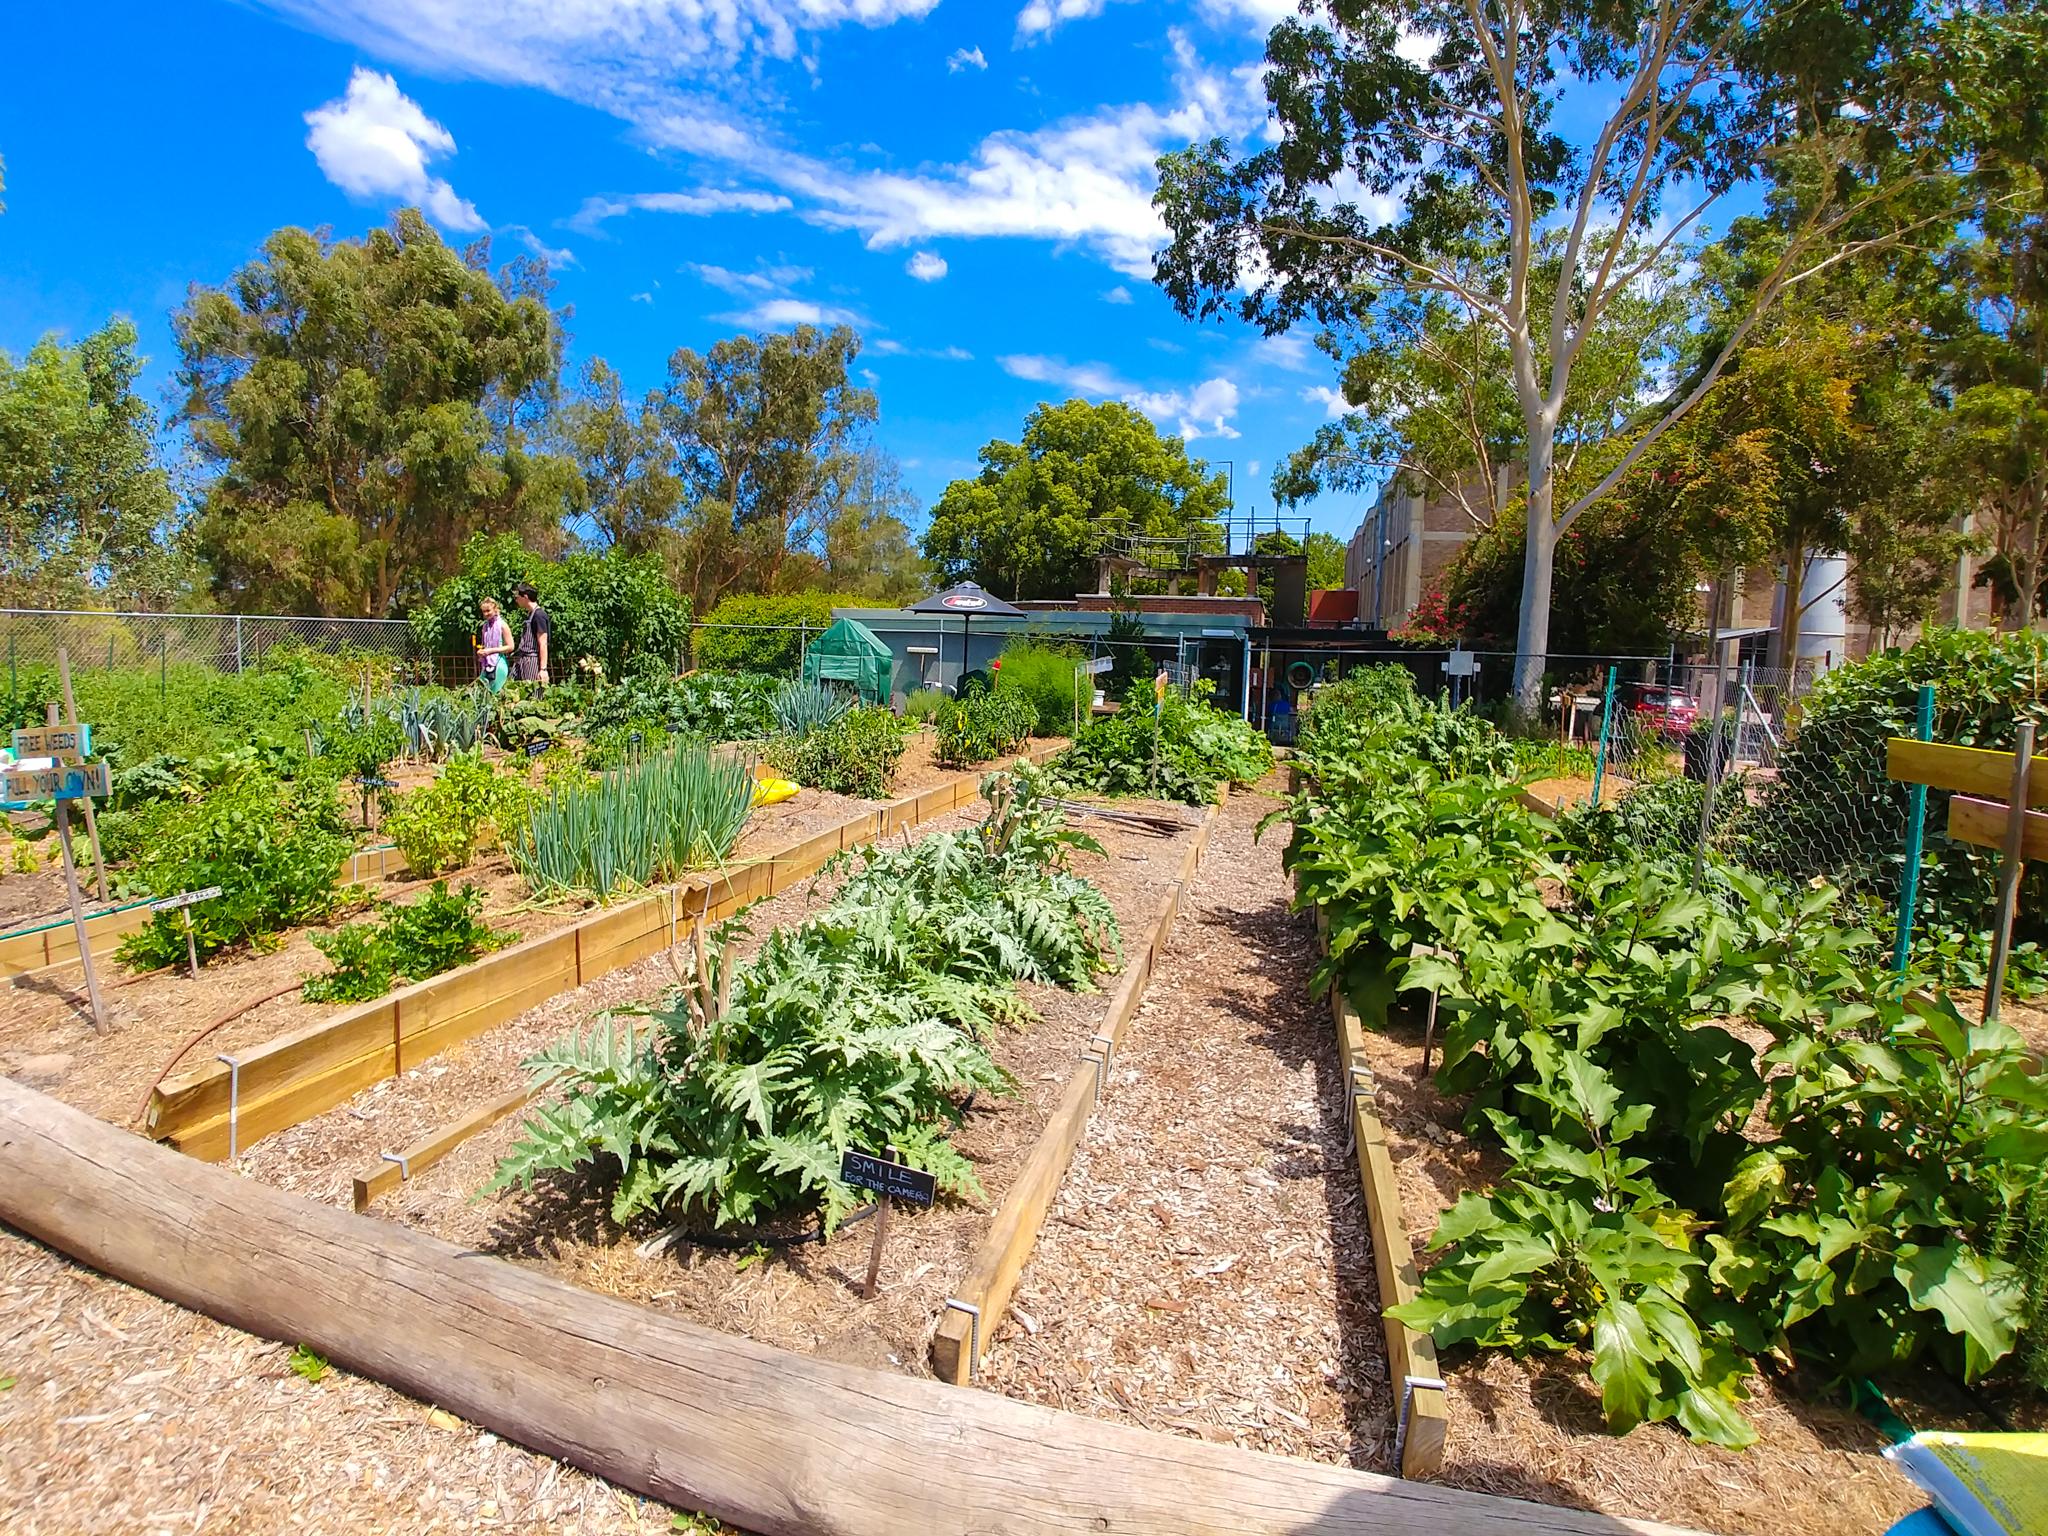 The CPAC produce garden